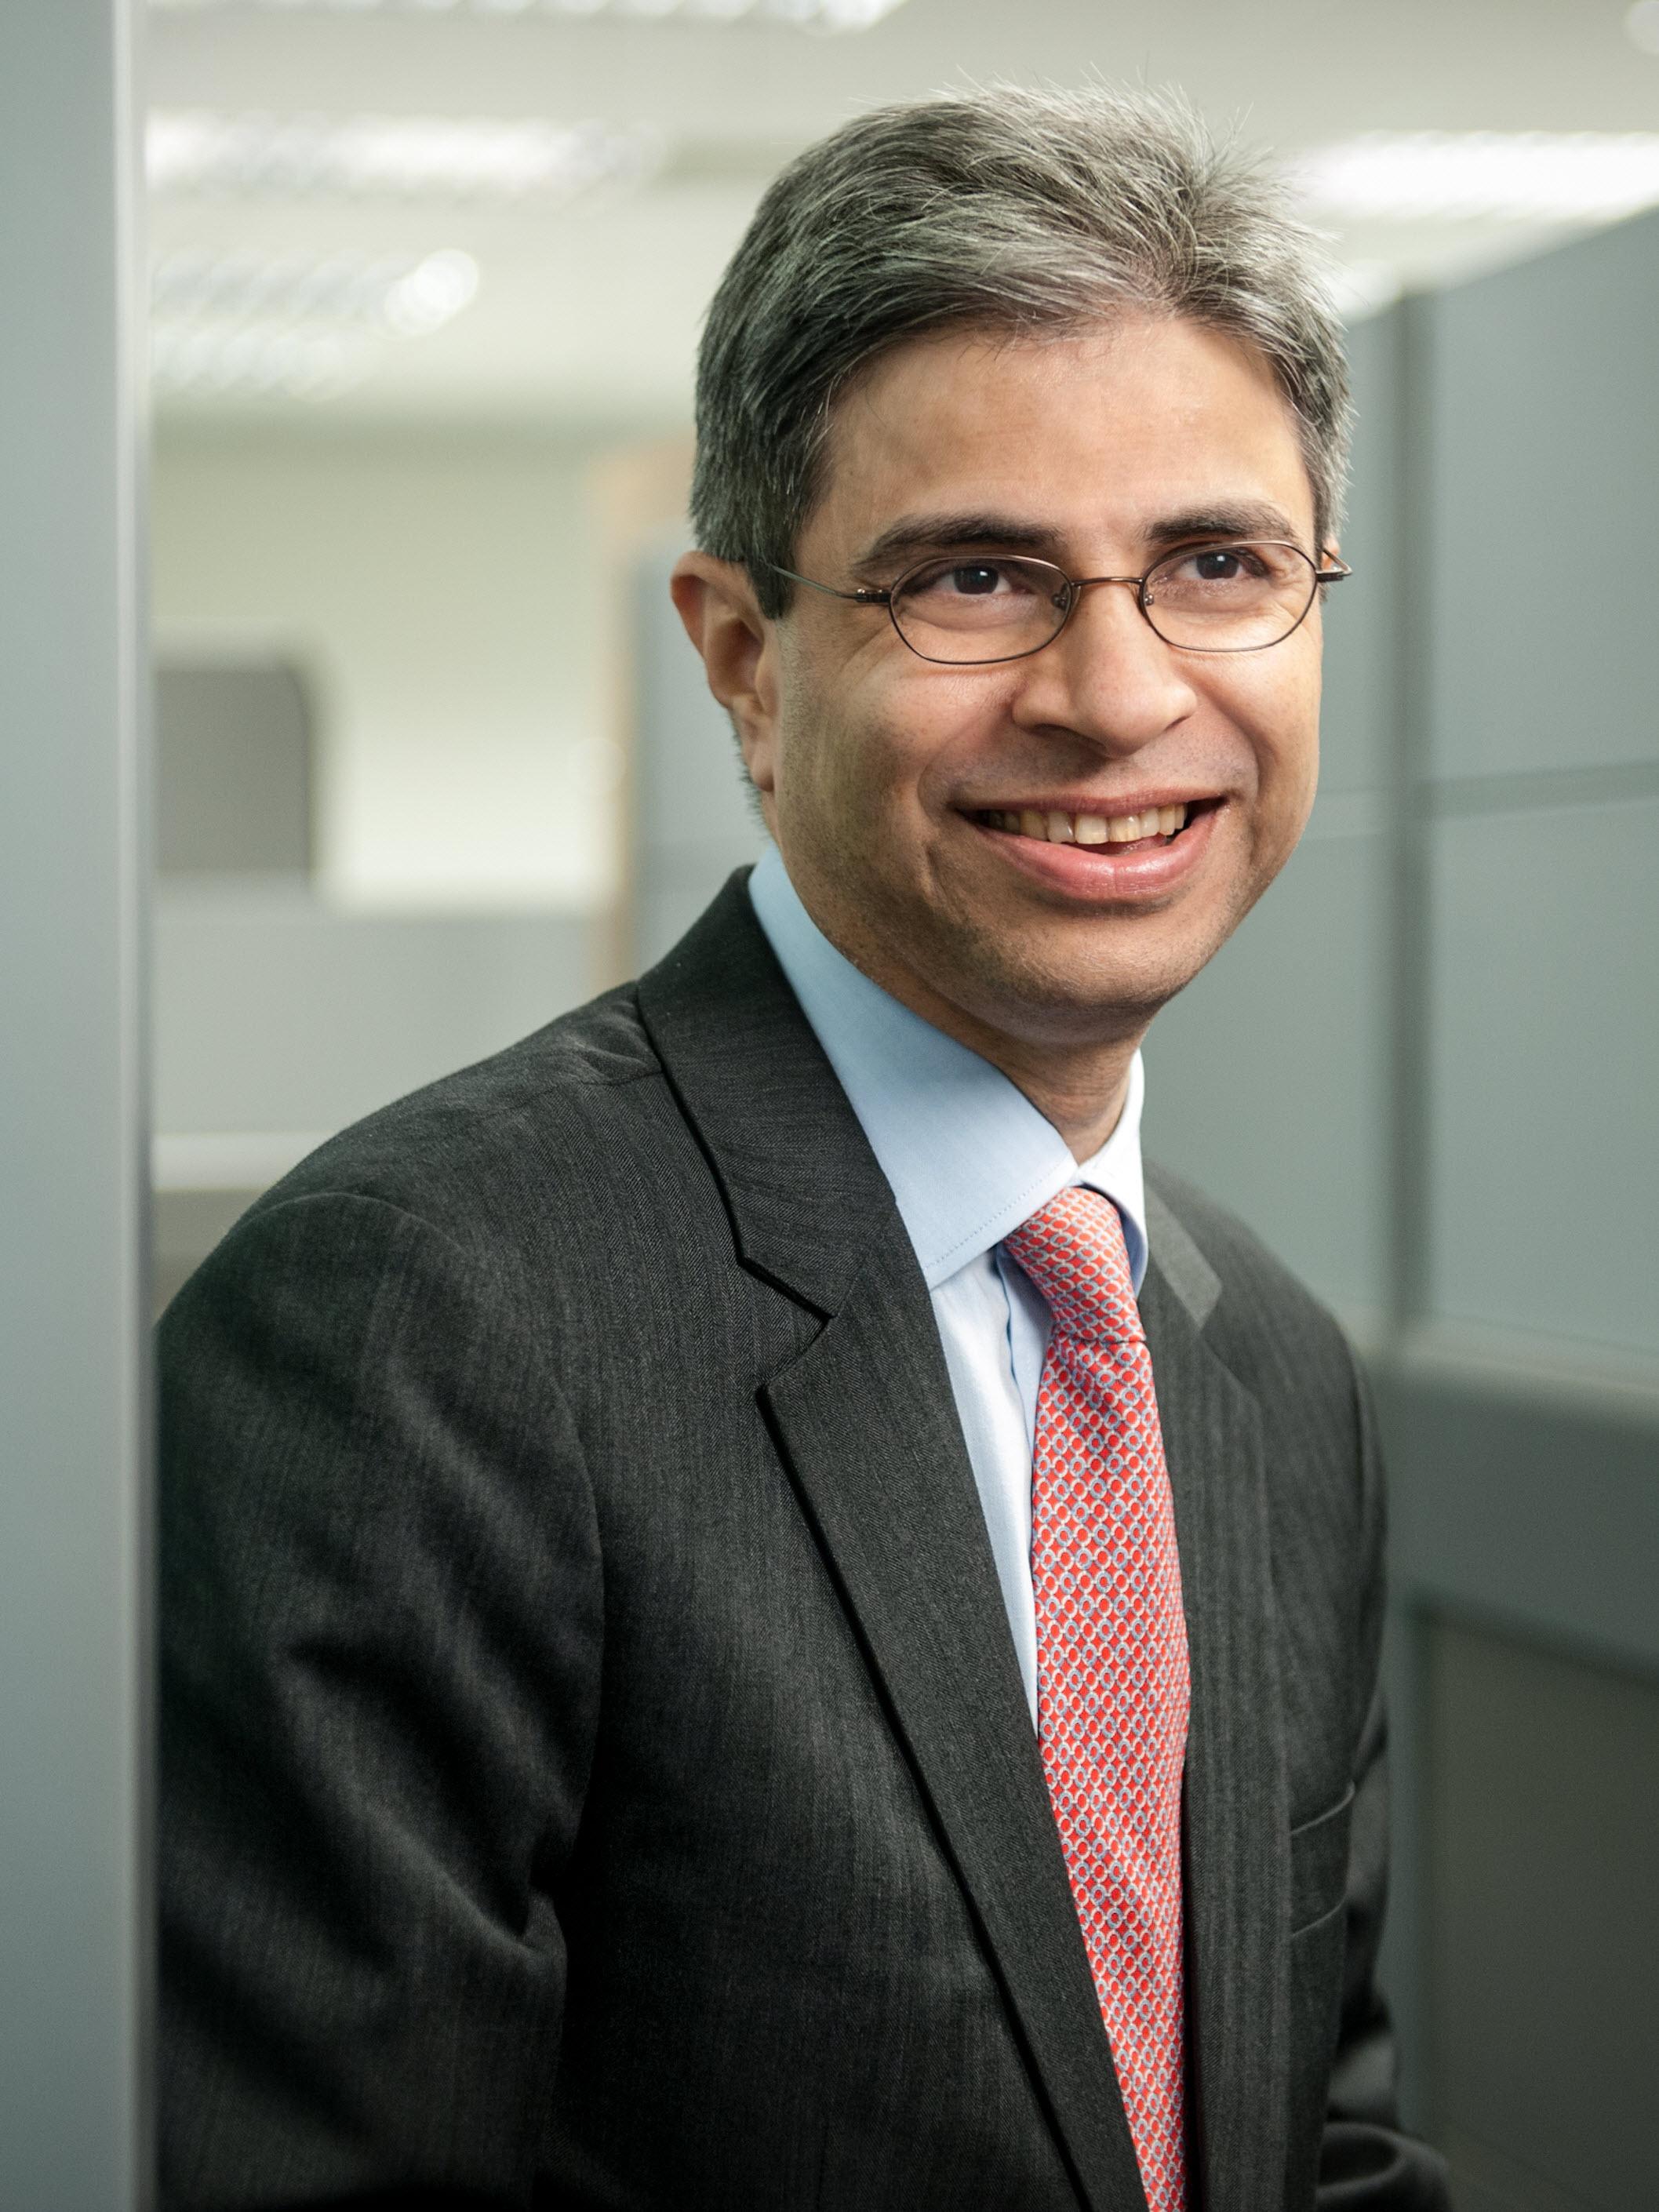 Shariq Barmaky